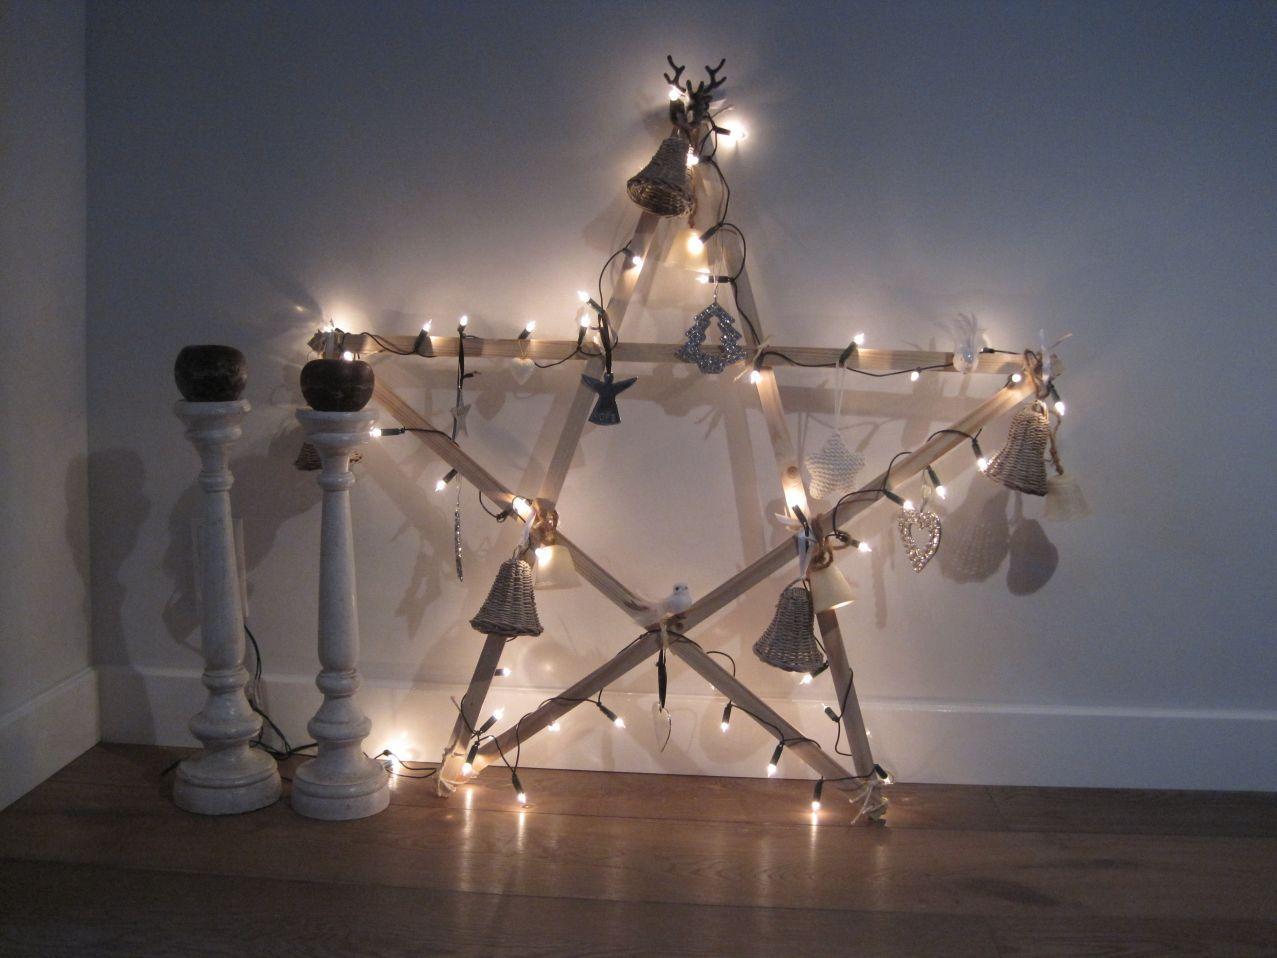 Grote Houten Sterren.Makkelijk Zelf Maken Grote Houten Kerstster W I N T E R